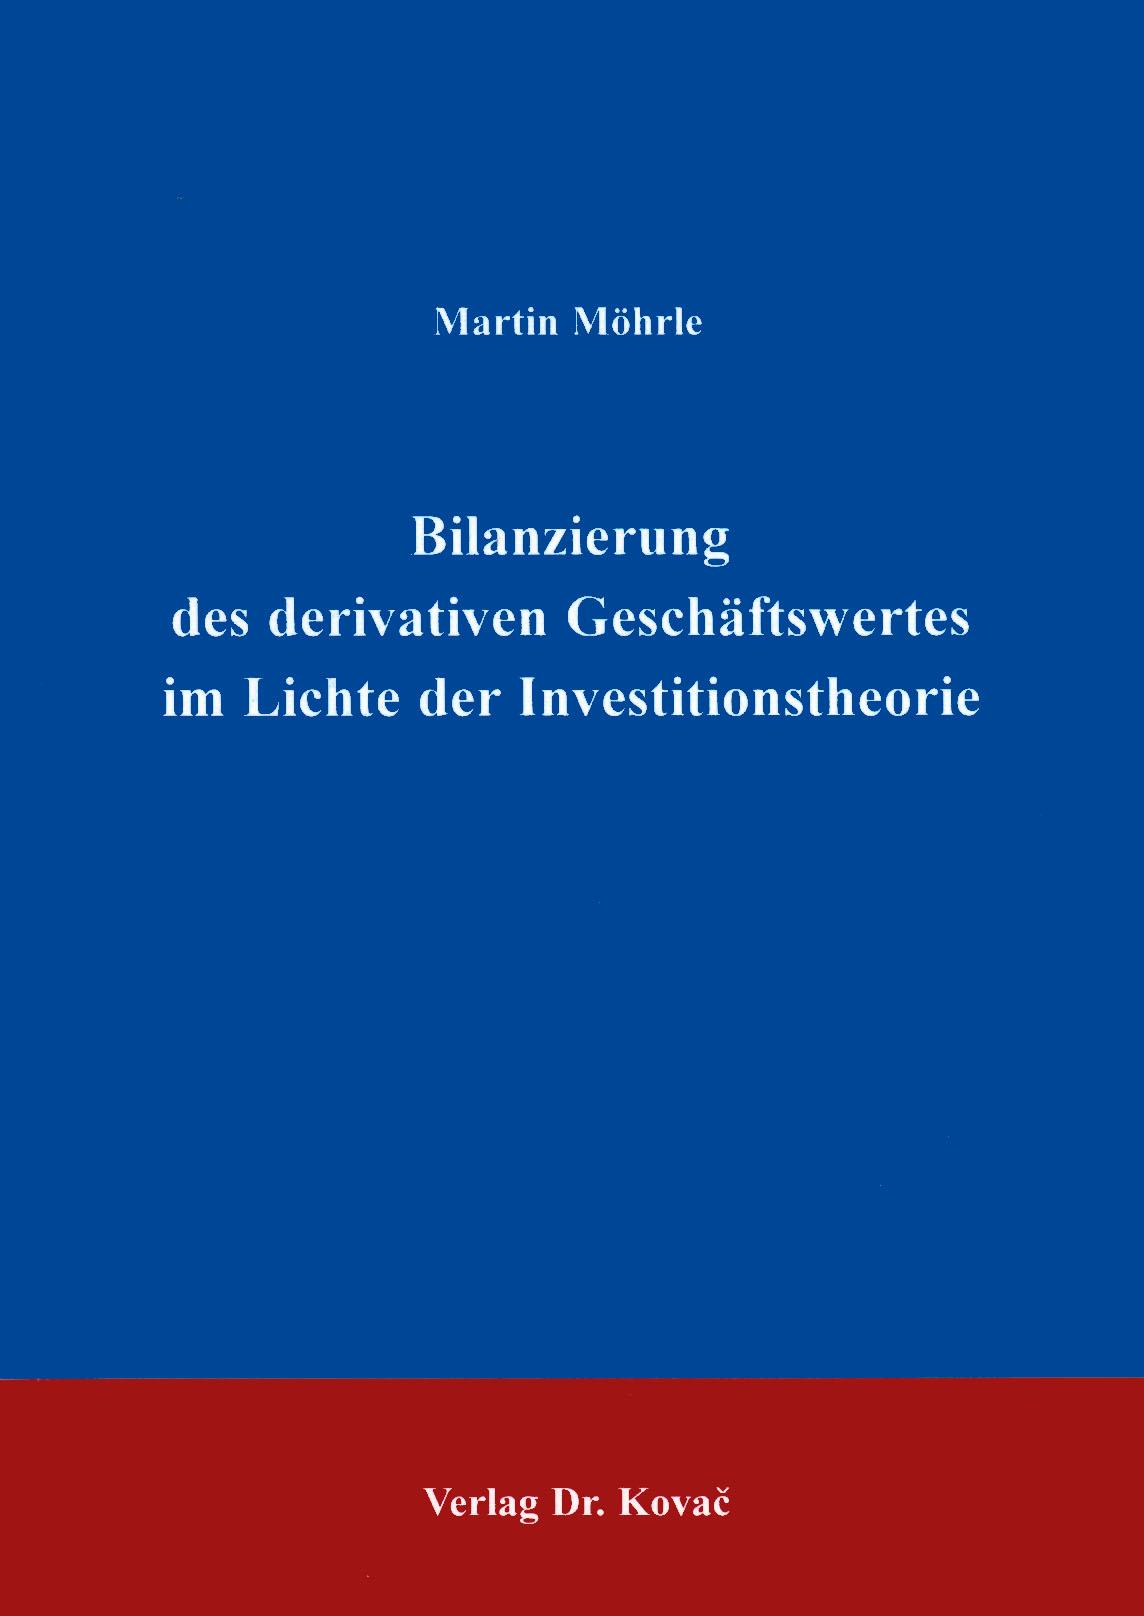 Cover: Bilanzierung des derivativen Geschäftswertes im Lichte der Investitionstheorie